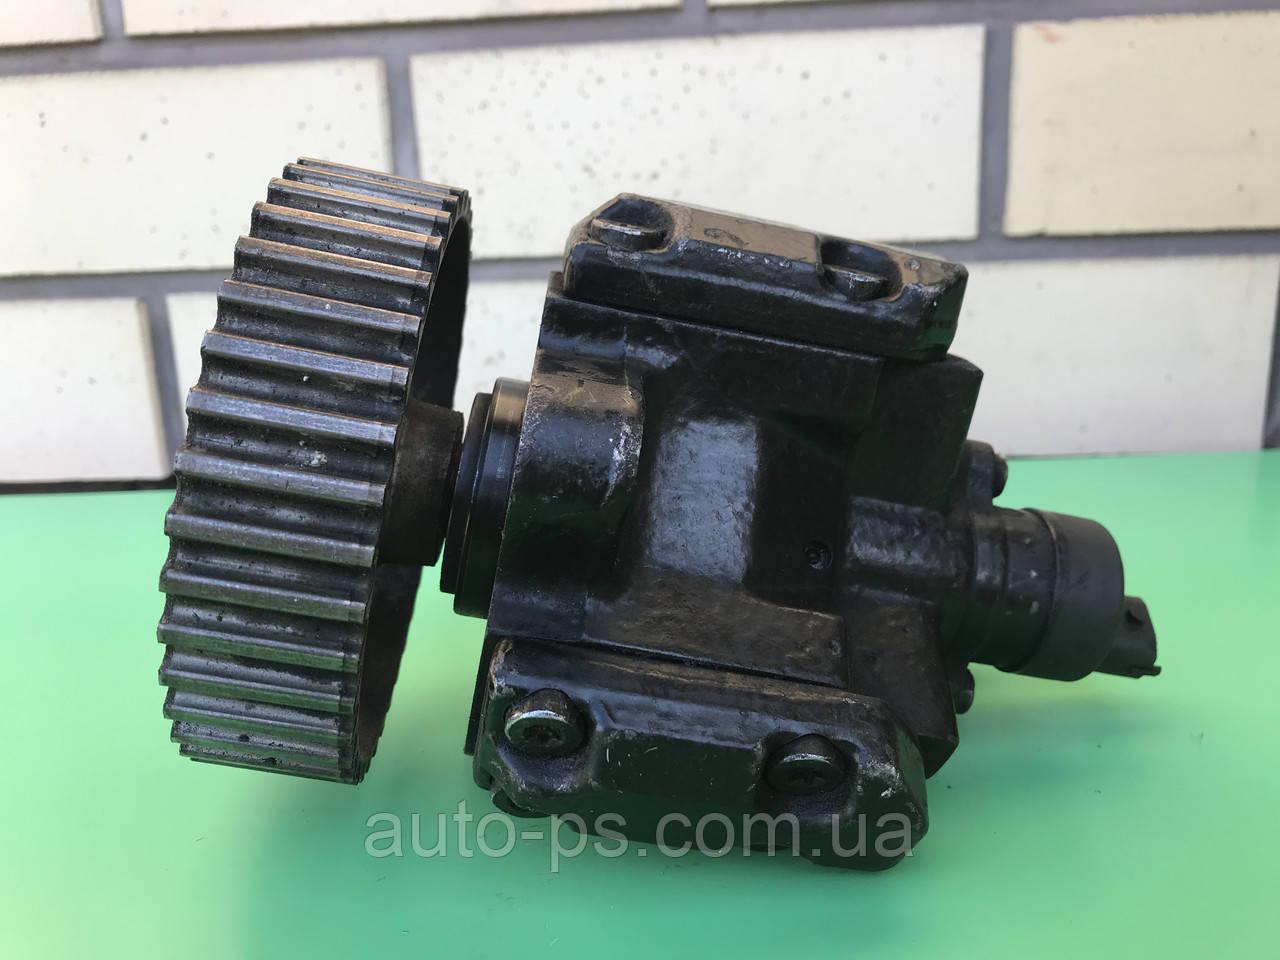 Топливный насос высокого давления (ТНВД) Alfa Romeo 146 1.9JTD 1999-2001 год.